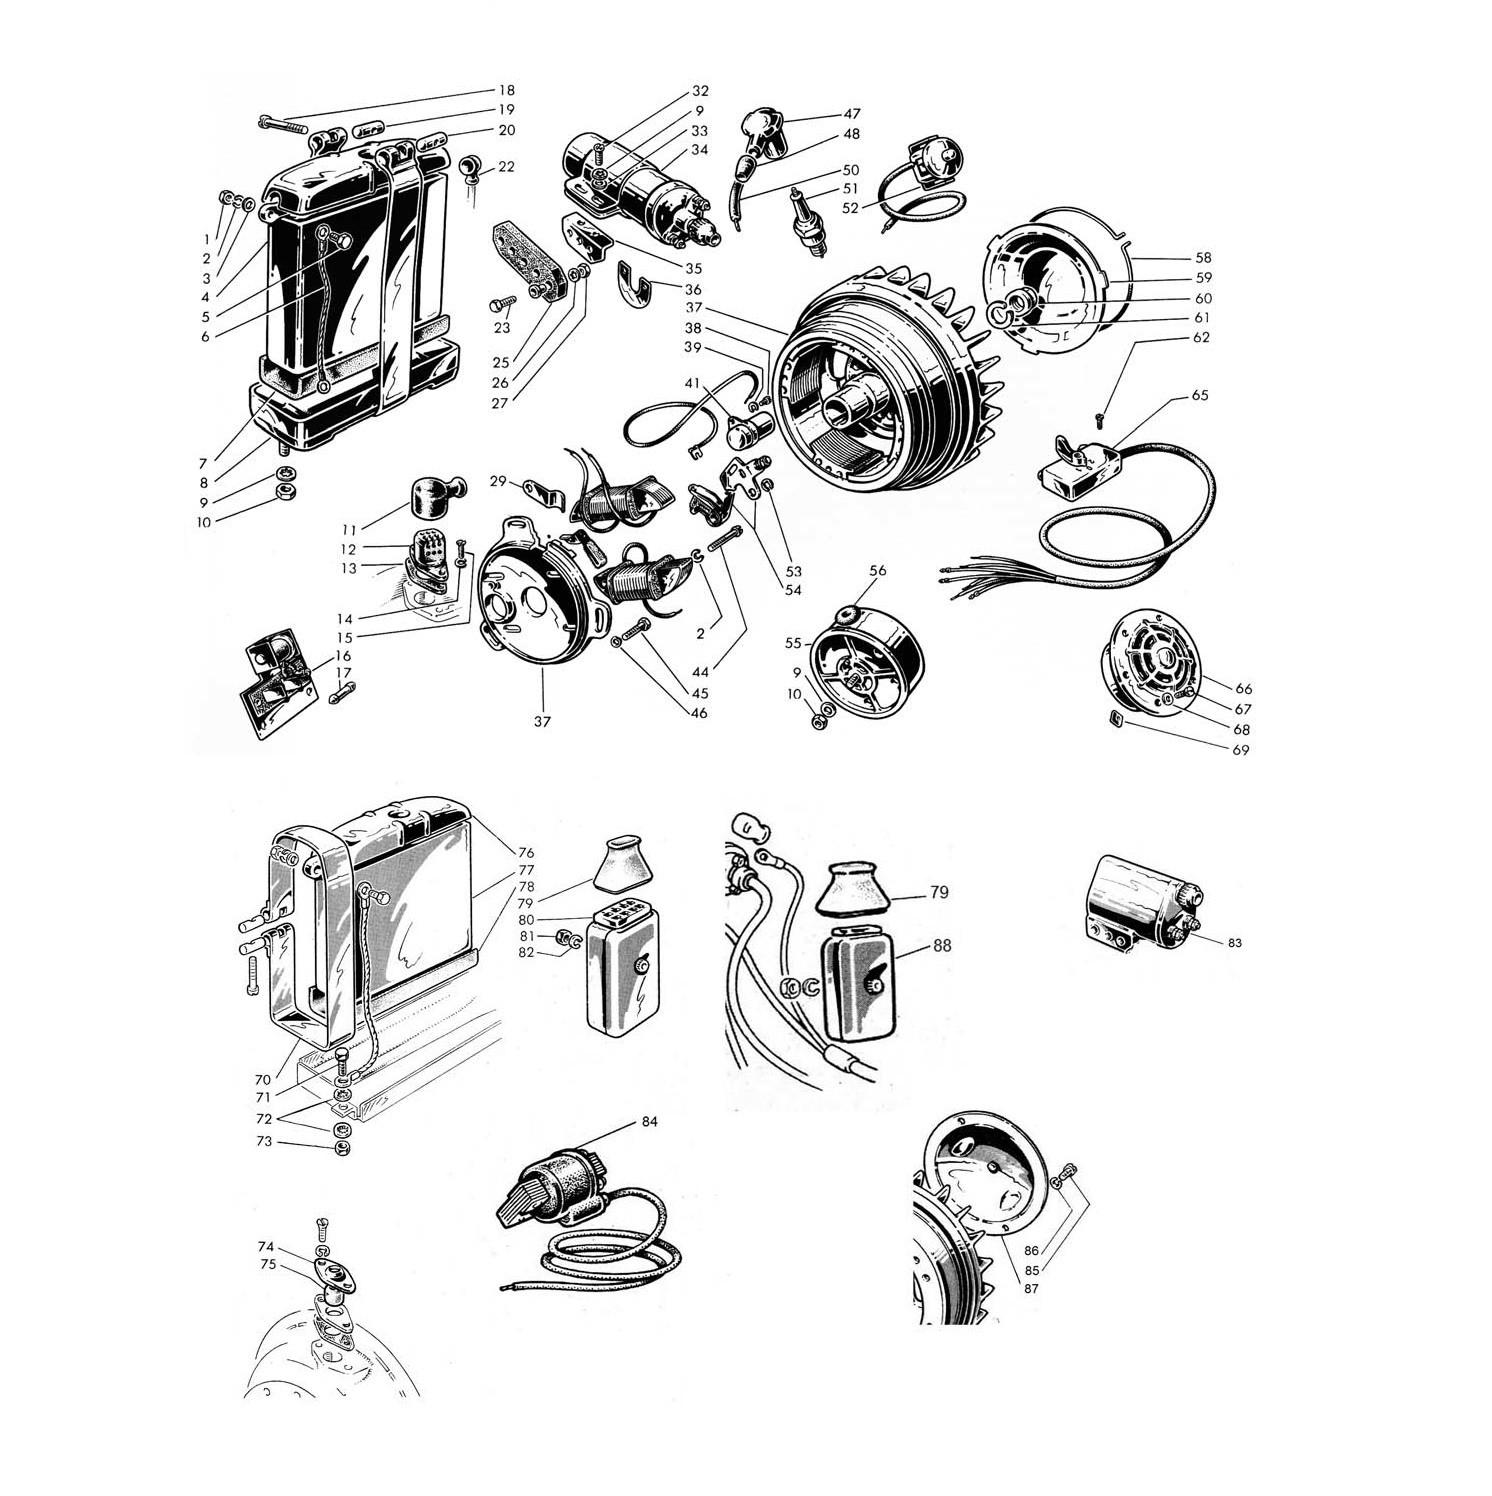 Apparecchiature Elettriche e Volano Magnete(Tav.11)